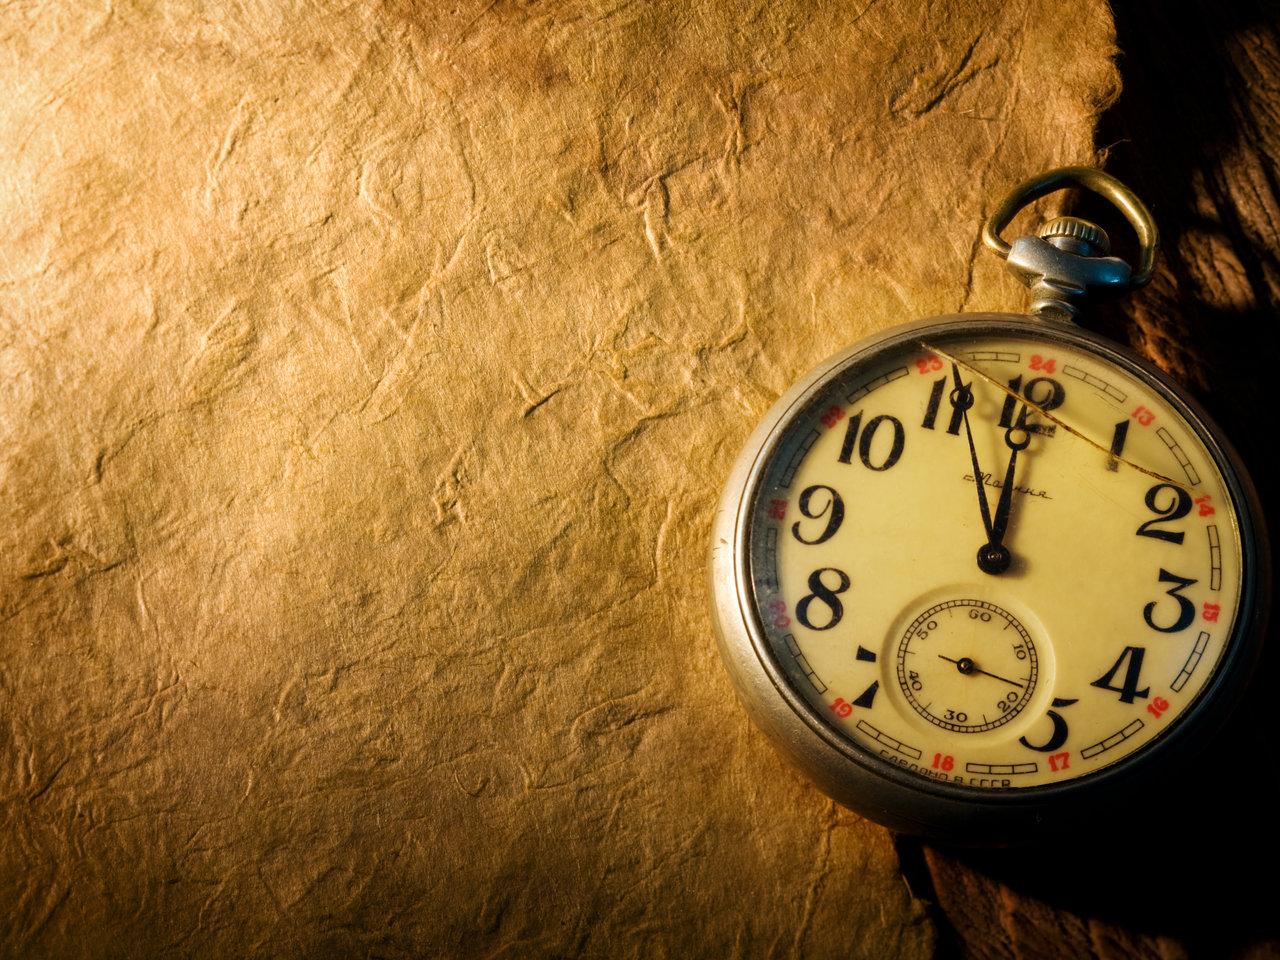 Đồng hồ quả lắc để làm nền cho đồng hồ đếm ngược